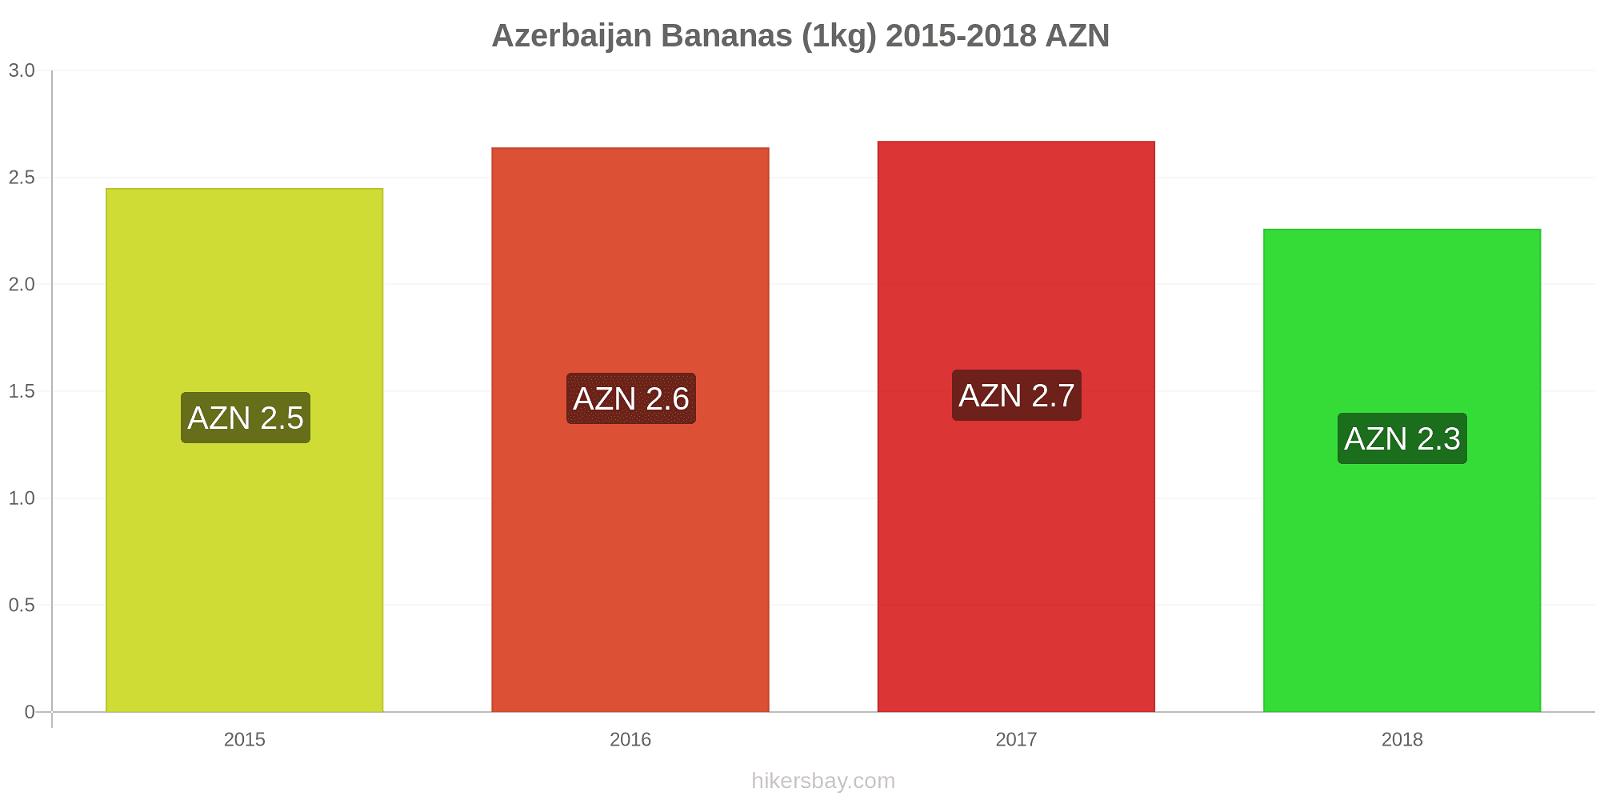 Azerbaijan price changes Bananas (1kg) hikersbay.com